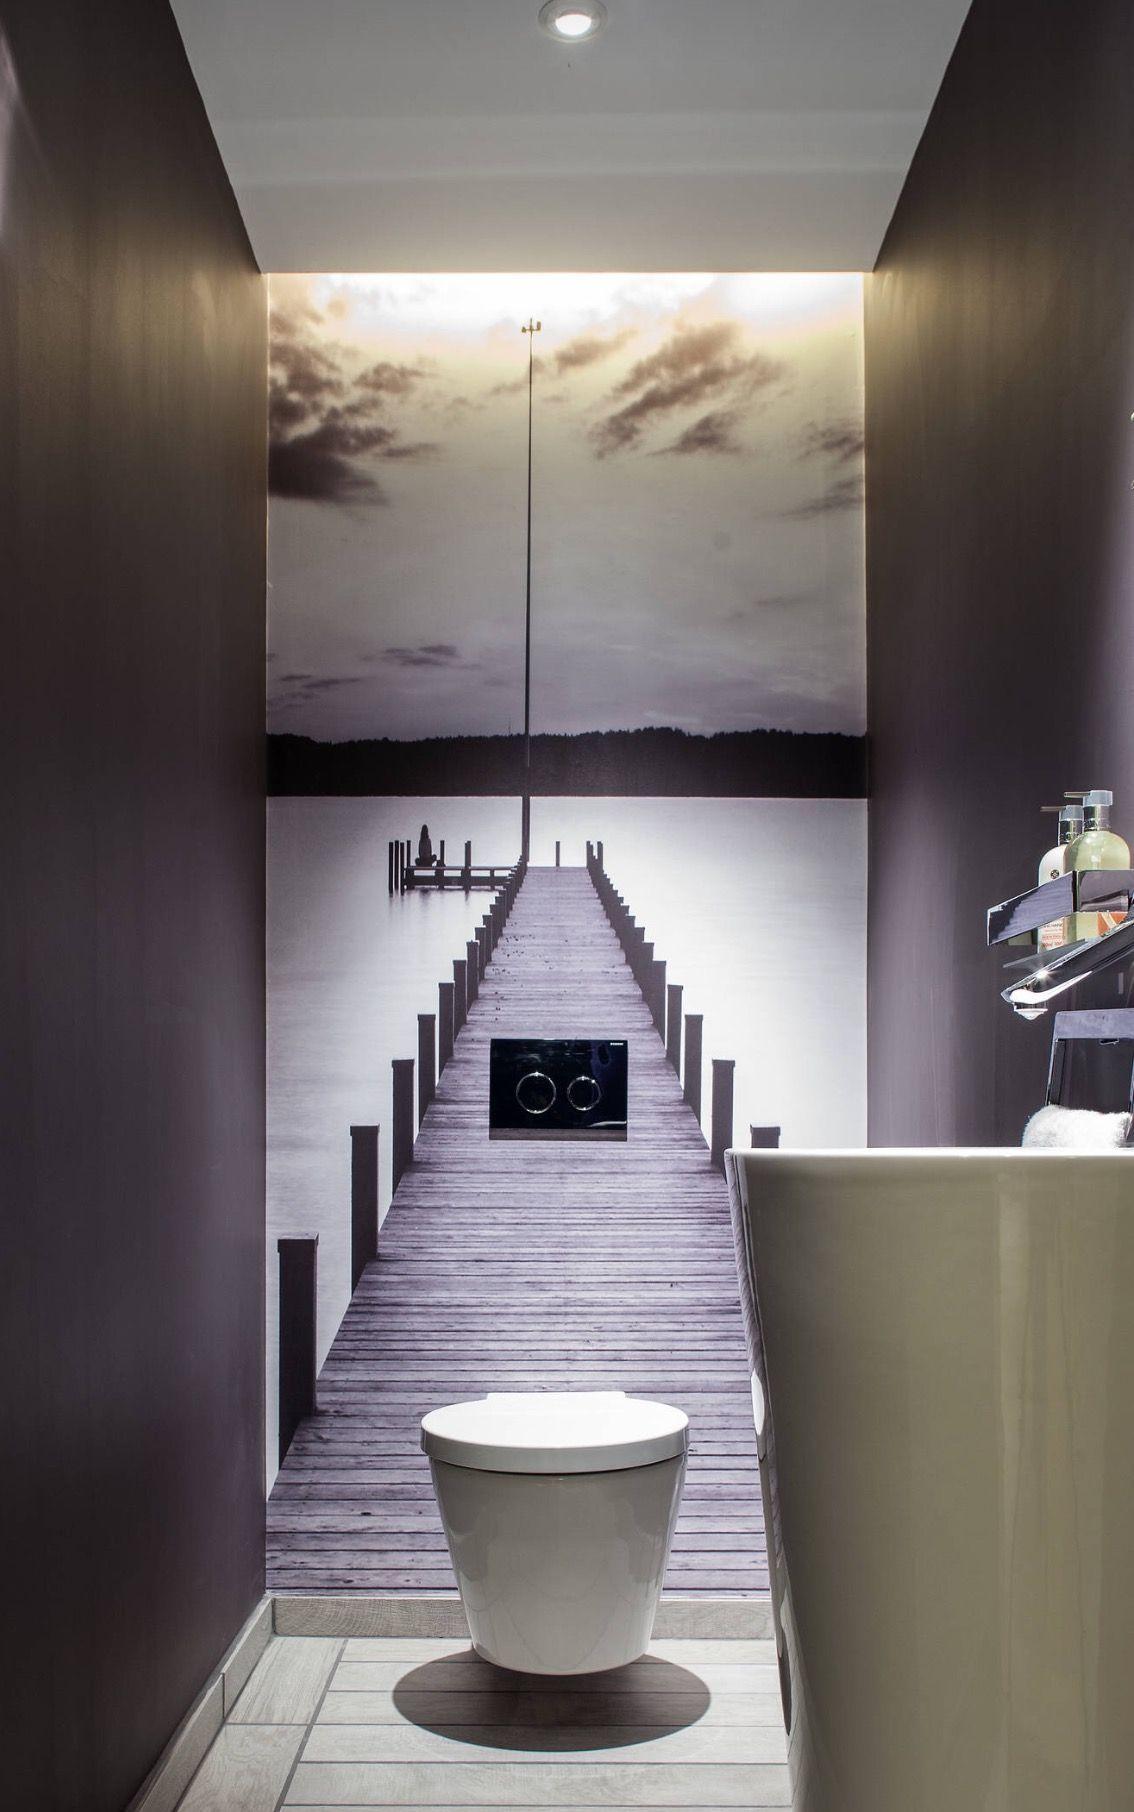 Manche Wege Sind Nicht Leicht Der Zu Einem Beeindruckenden Gaste Wc Ist Jedoch Ein Klacks Mehr Tipps Zur B Badezimmer Badezimmereinrichtung Wc Im Erdgeschoss